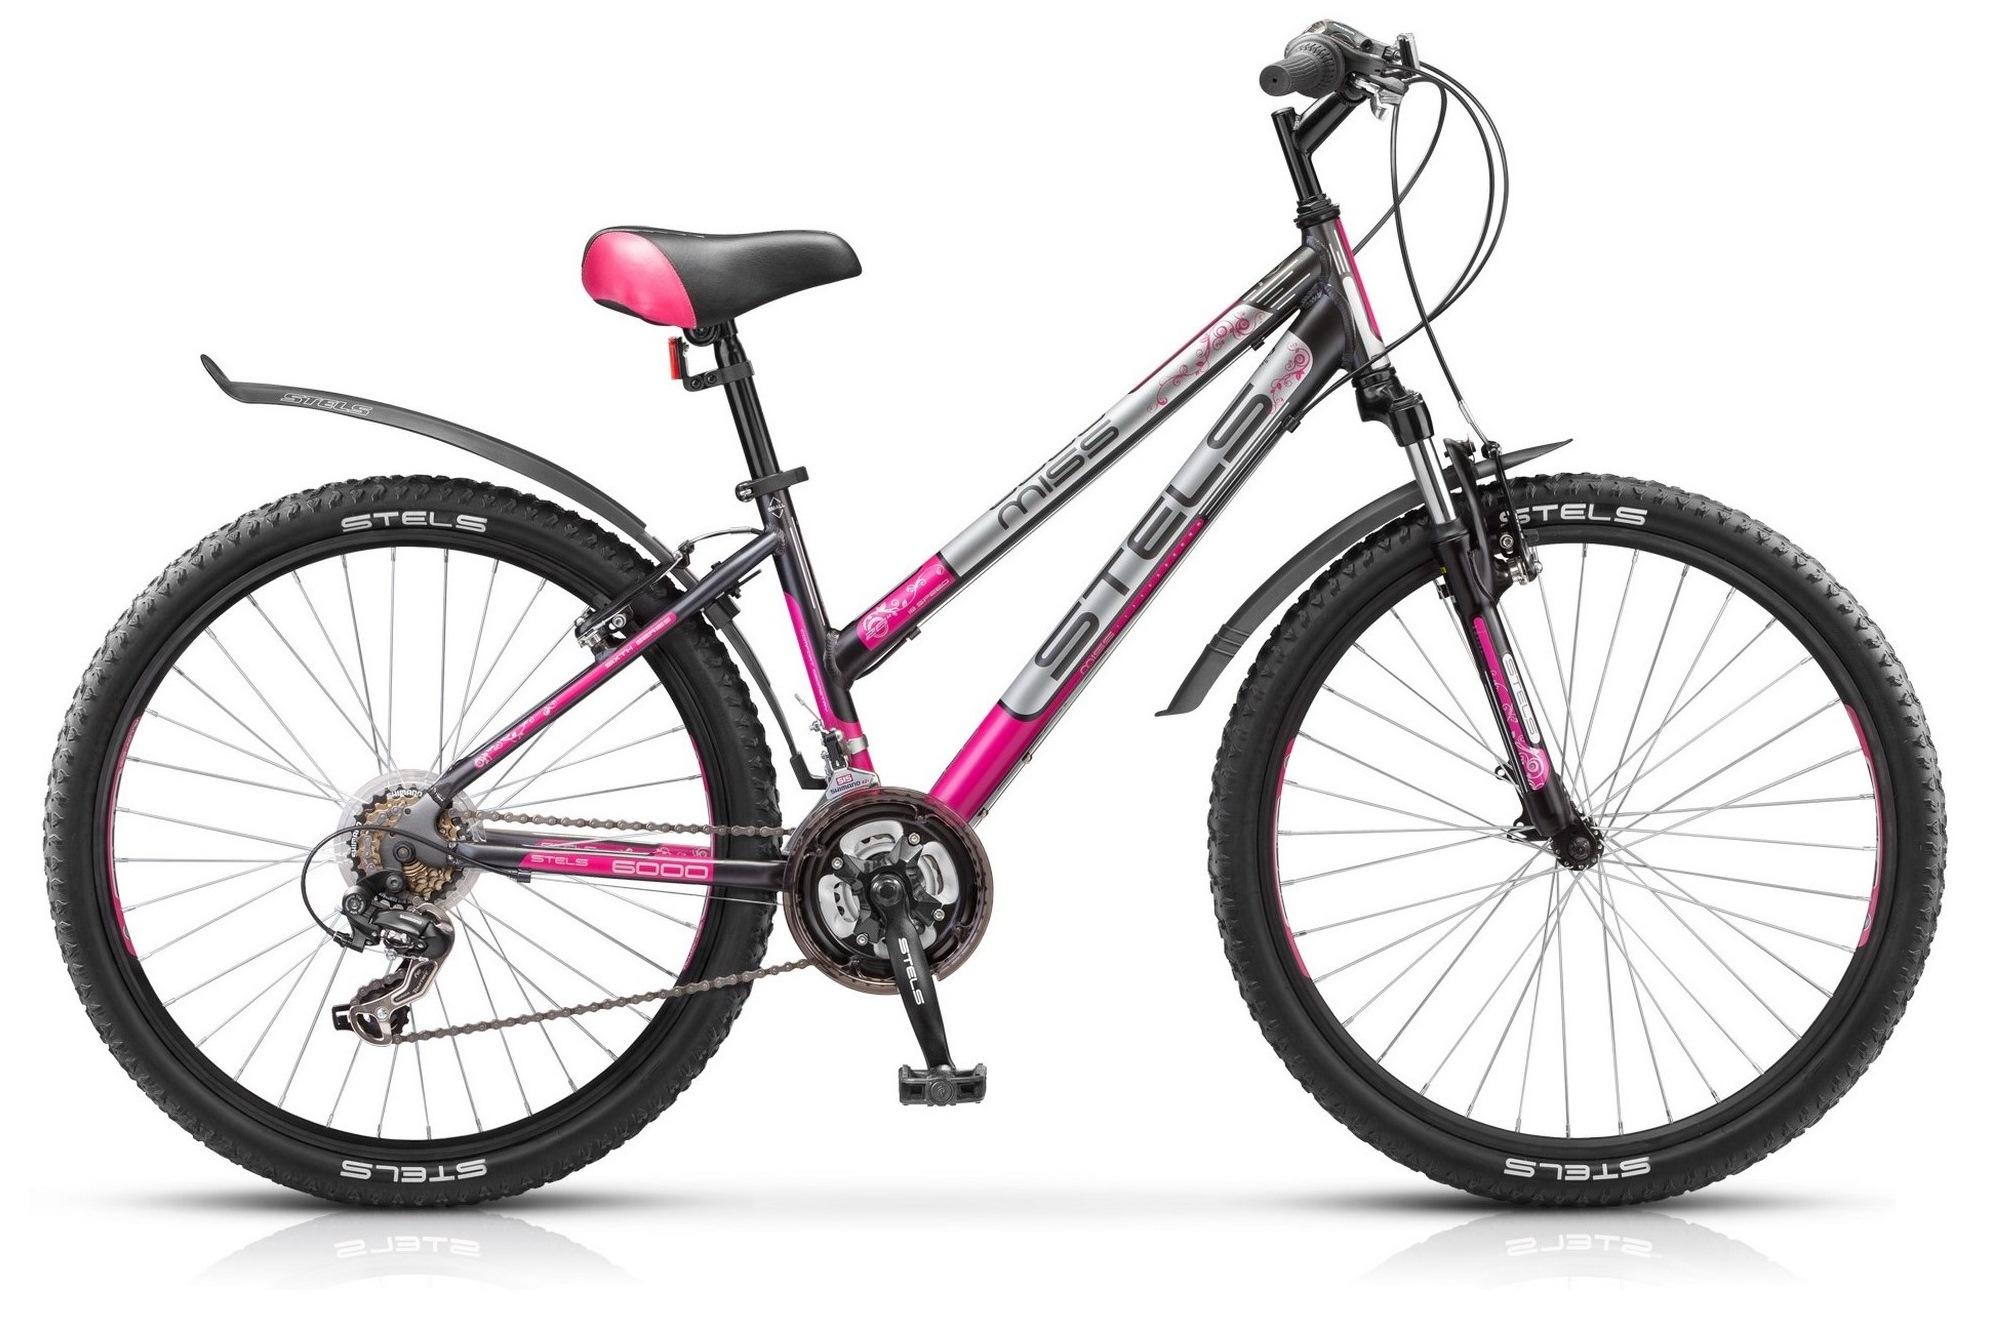 Велосипед Stels Miss 6000 V 26 (2016) бело-черно-красный 17